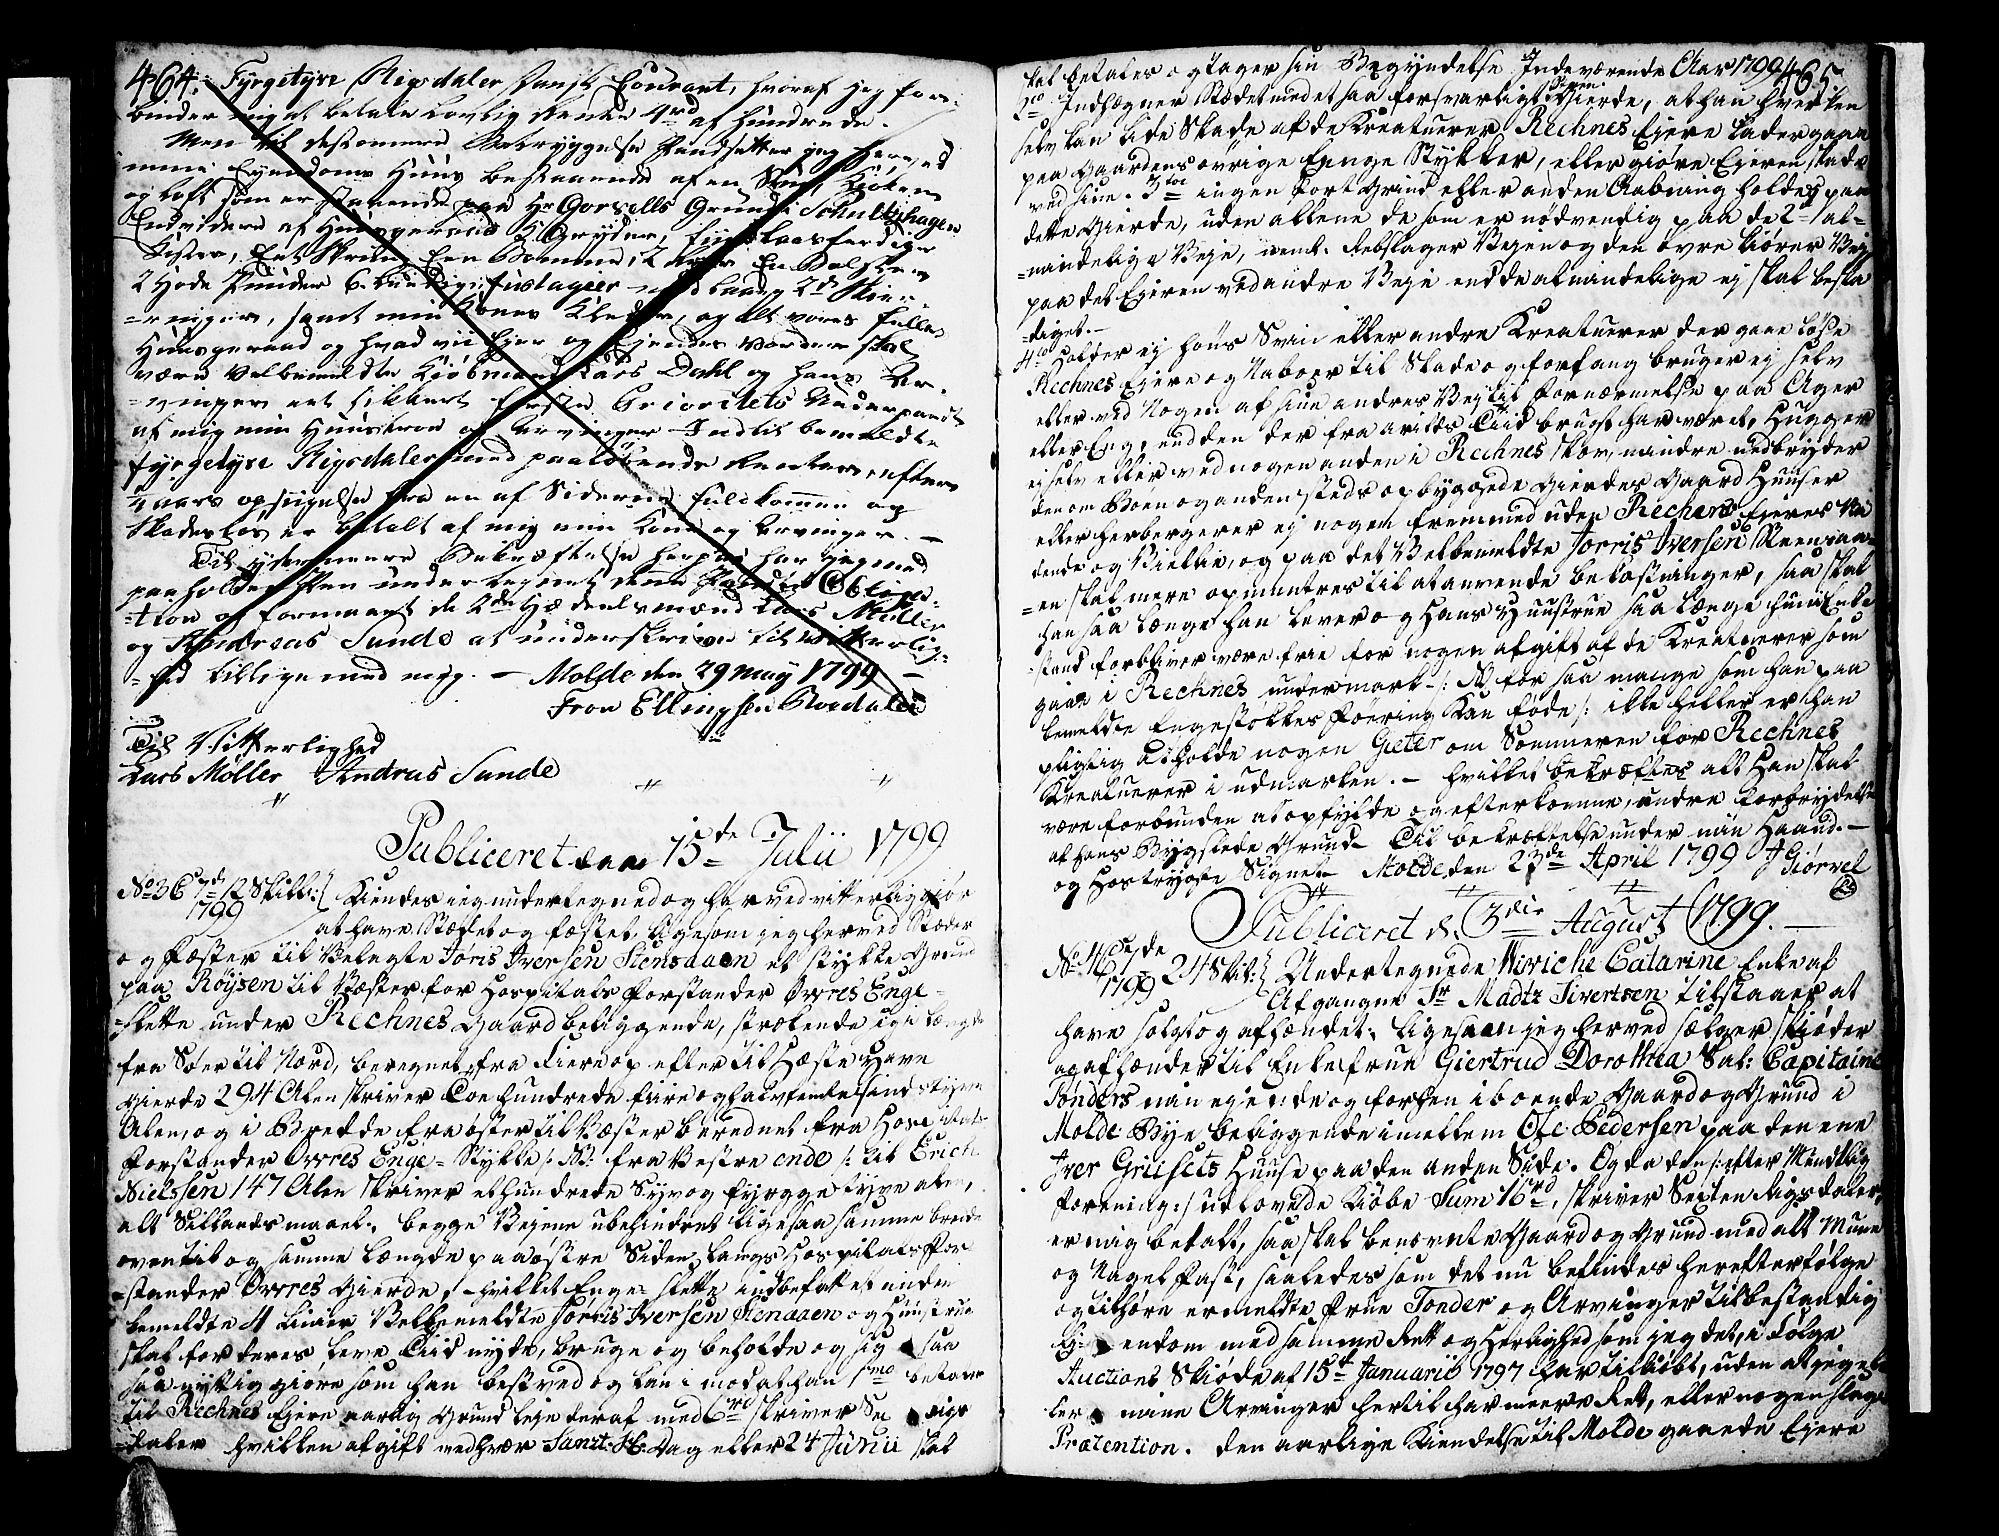 SAT, Molde byfogd, 2/2C/L0001: Pantebok nr. 1, 1748-1823, s. 464-465